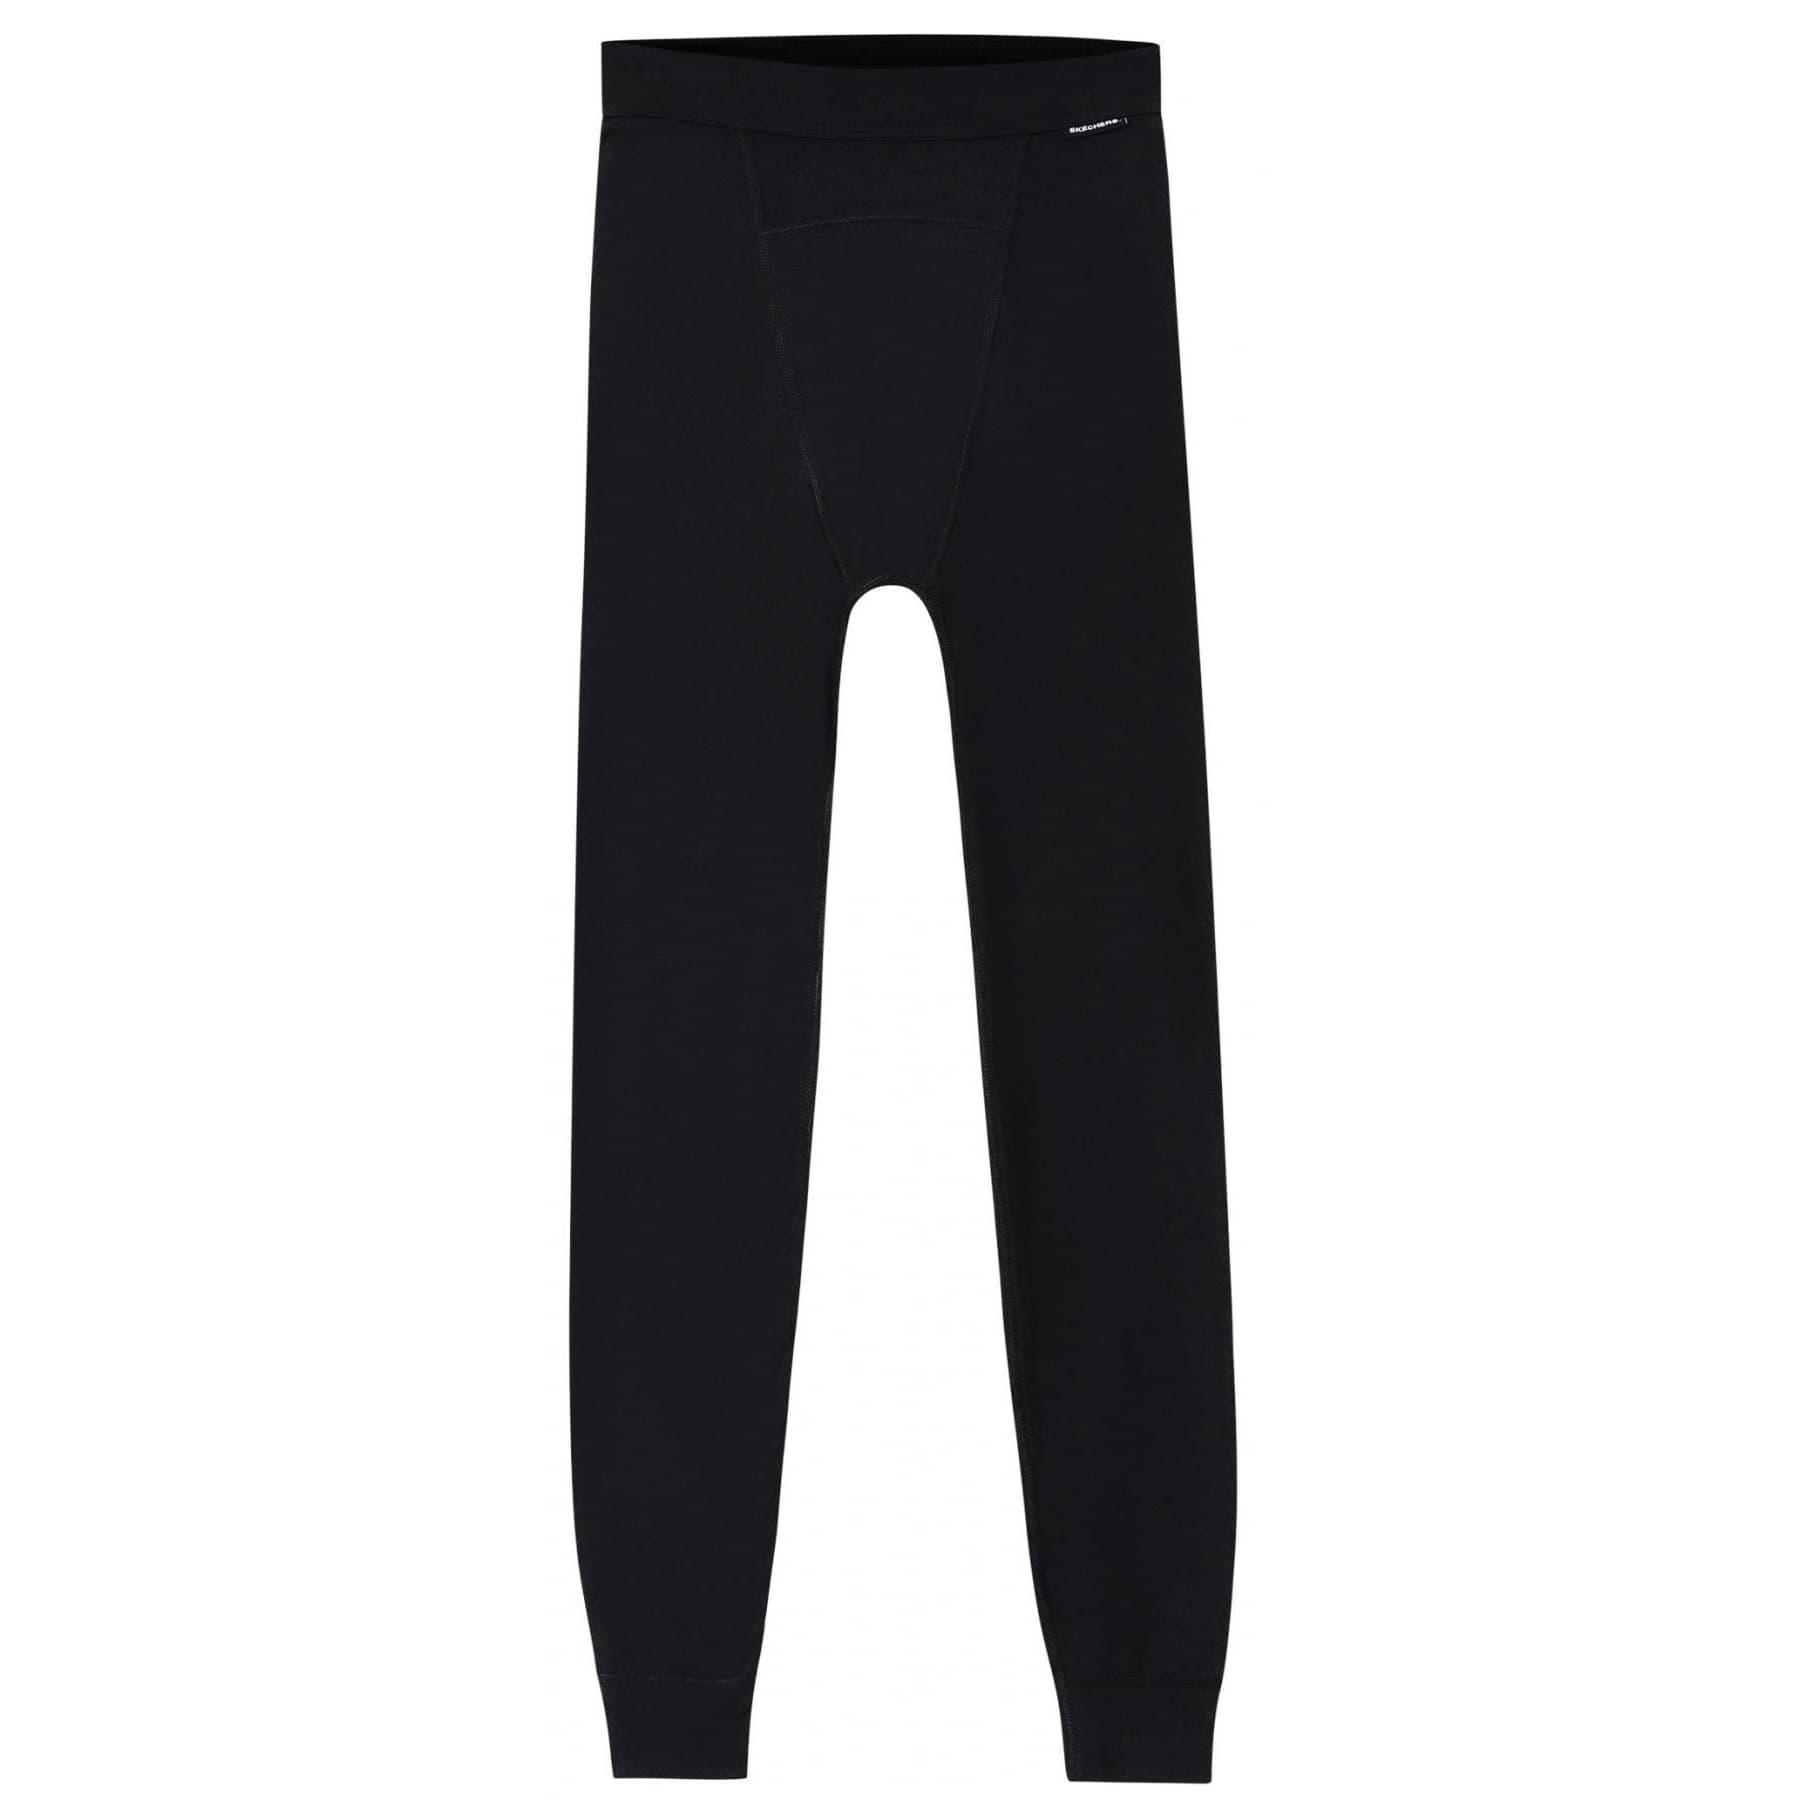 Thermal Slim Erkek Siyah Tayt (S202603-001)